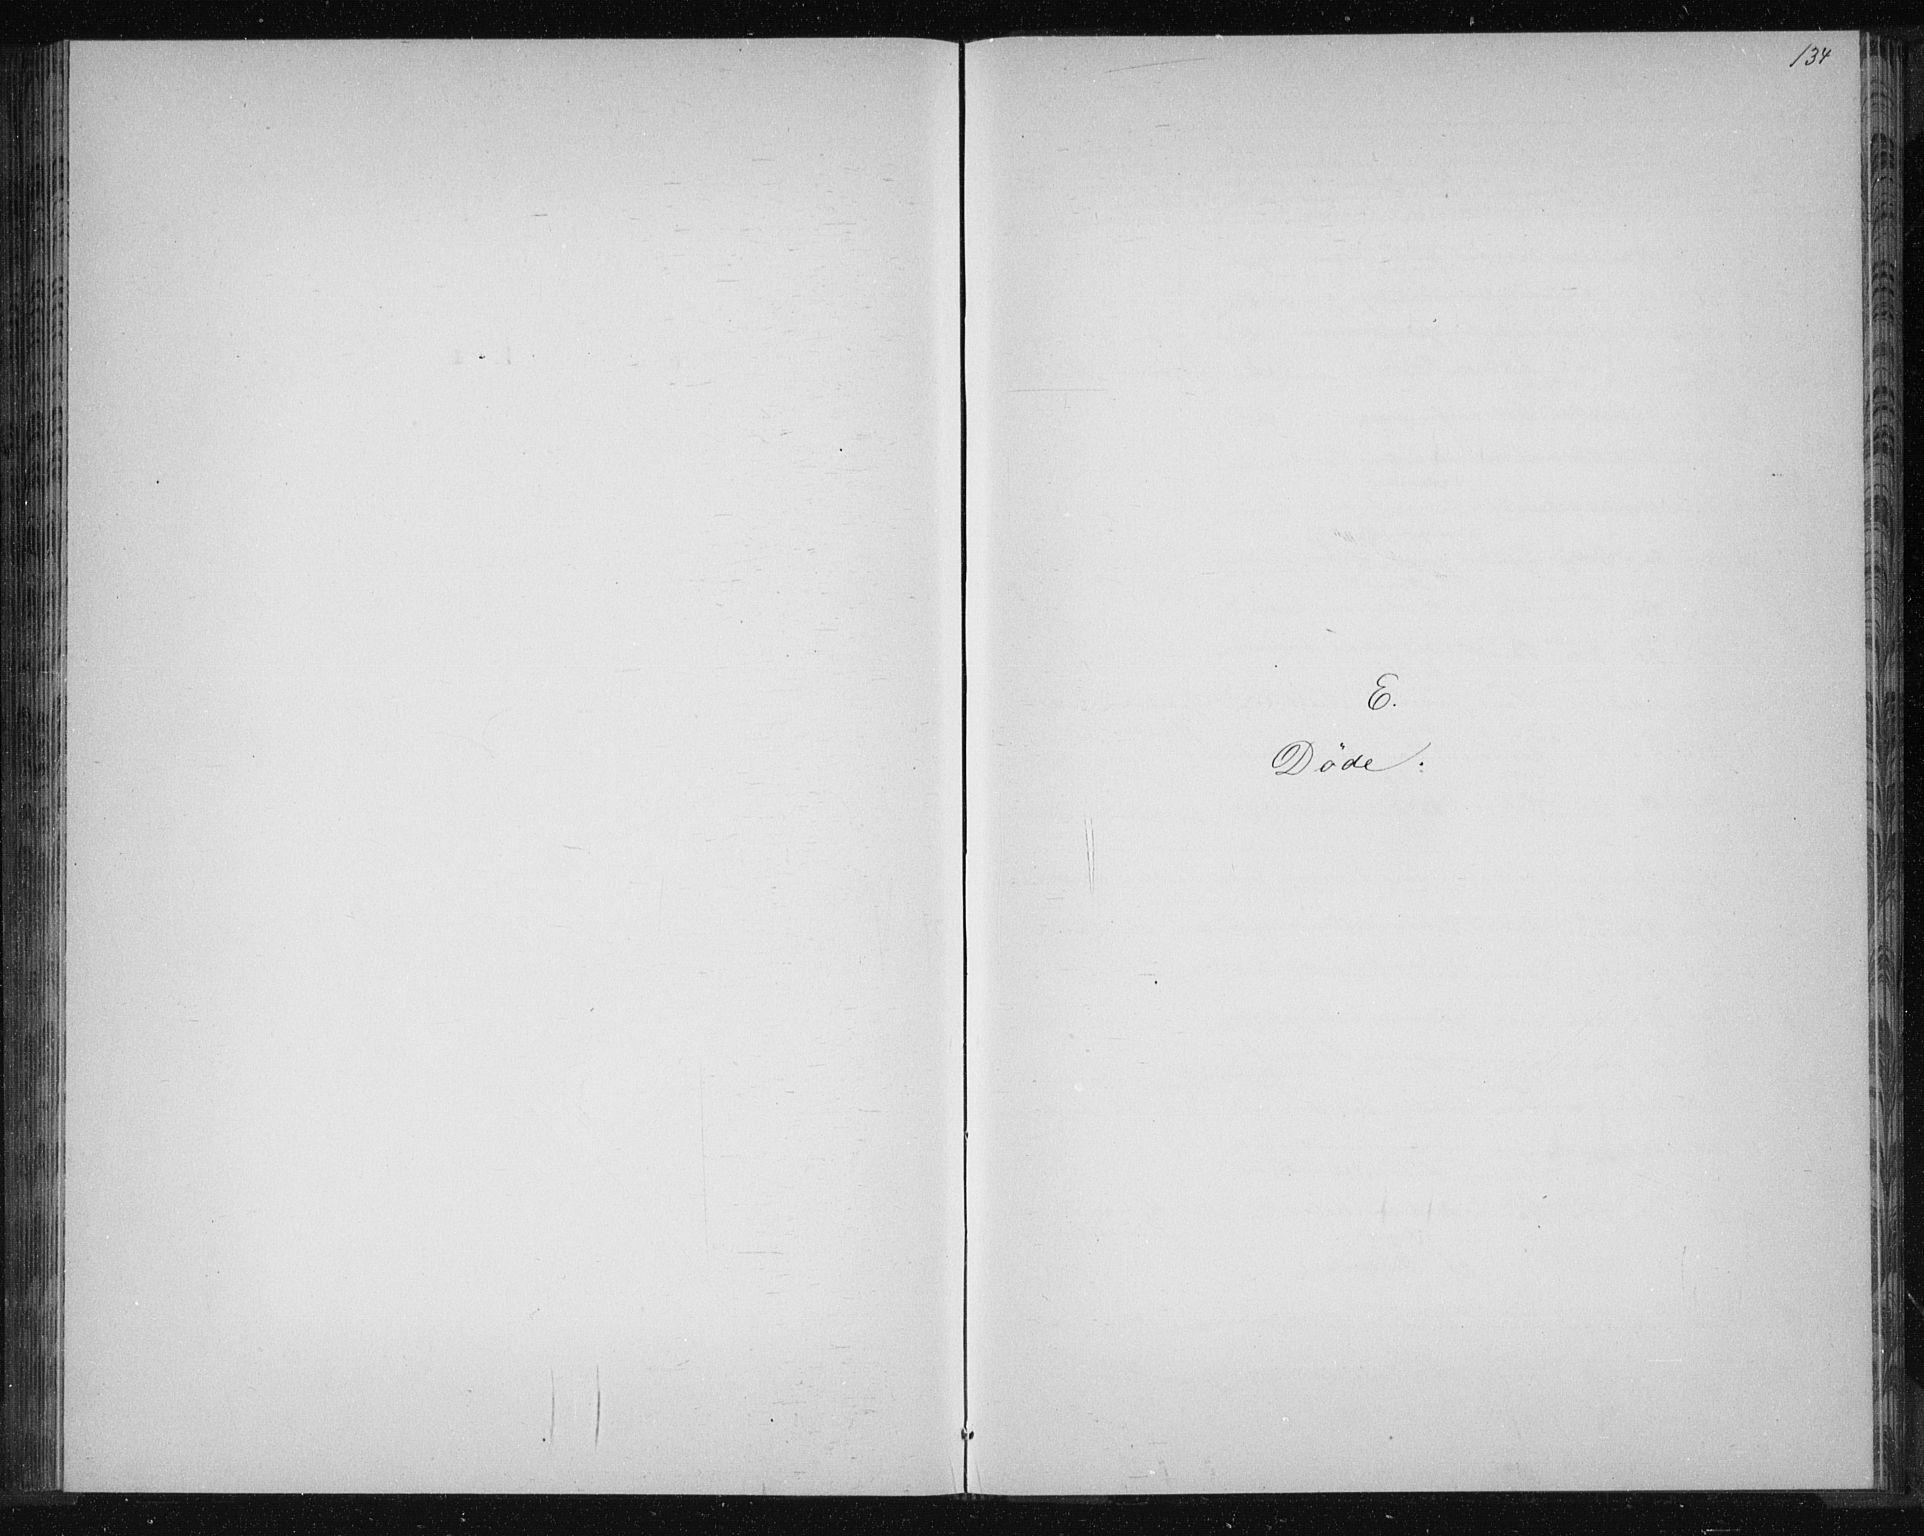 SAKO, Solum kirkebøker, G/Ga/L0006: Klokkerbok nr. I 6, 1882-1883, s. 134